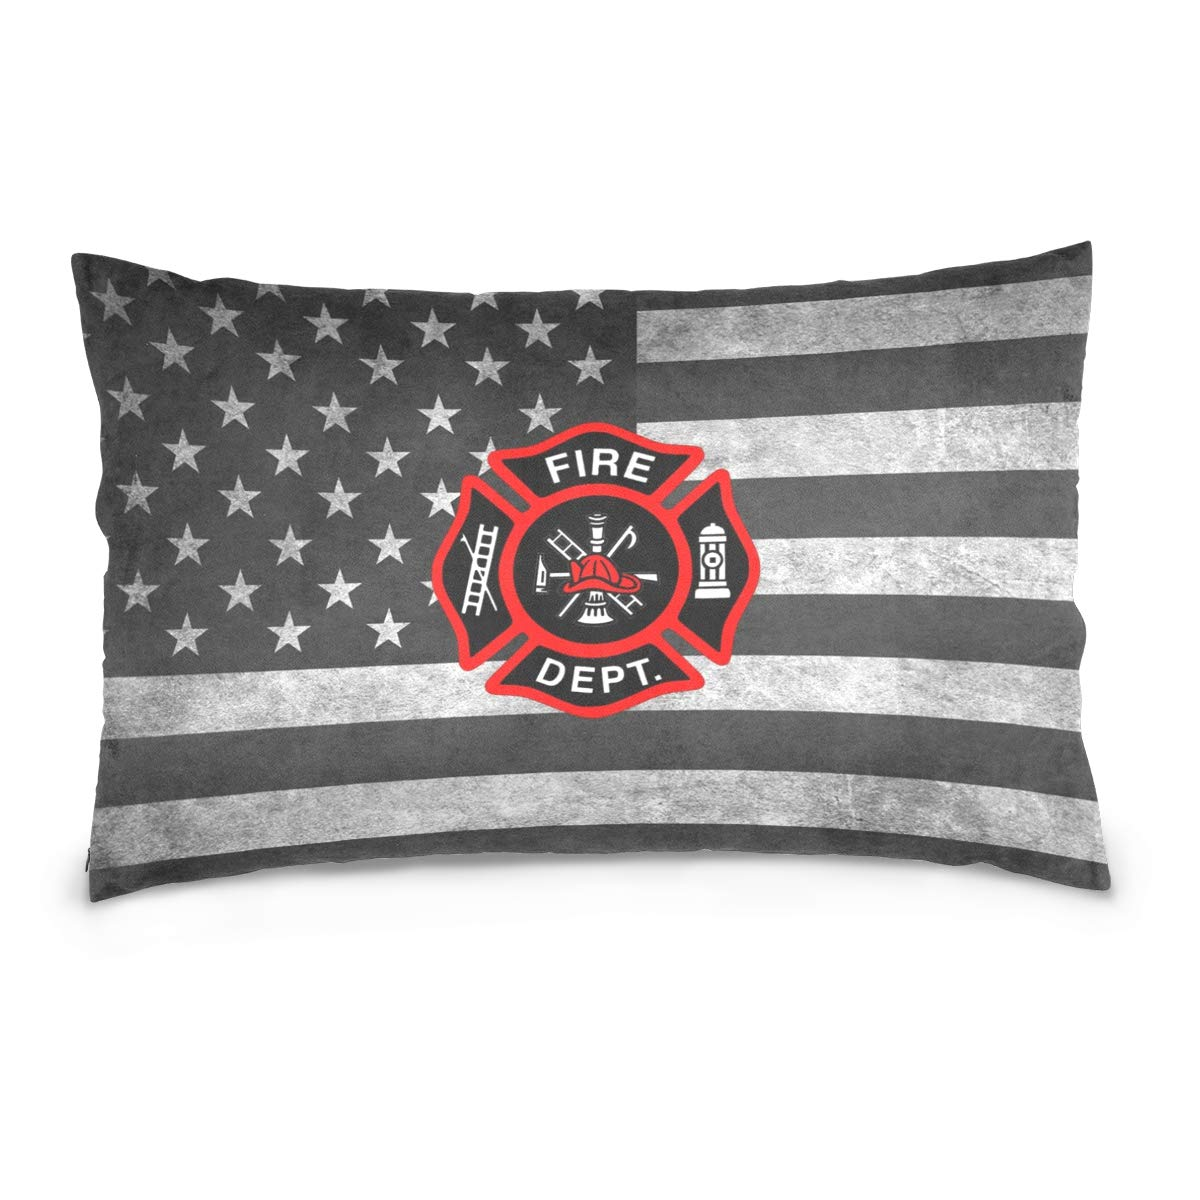 ポエティシティ消防士消防士 ロゴレスキュー枕ケース ソファベッド コットンジッパースロー枕カバー 16